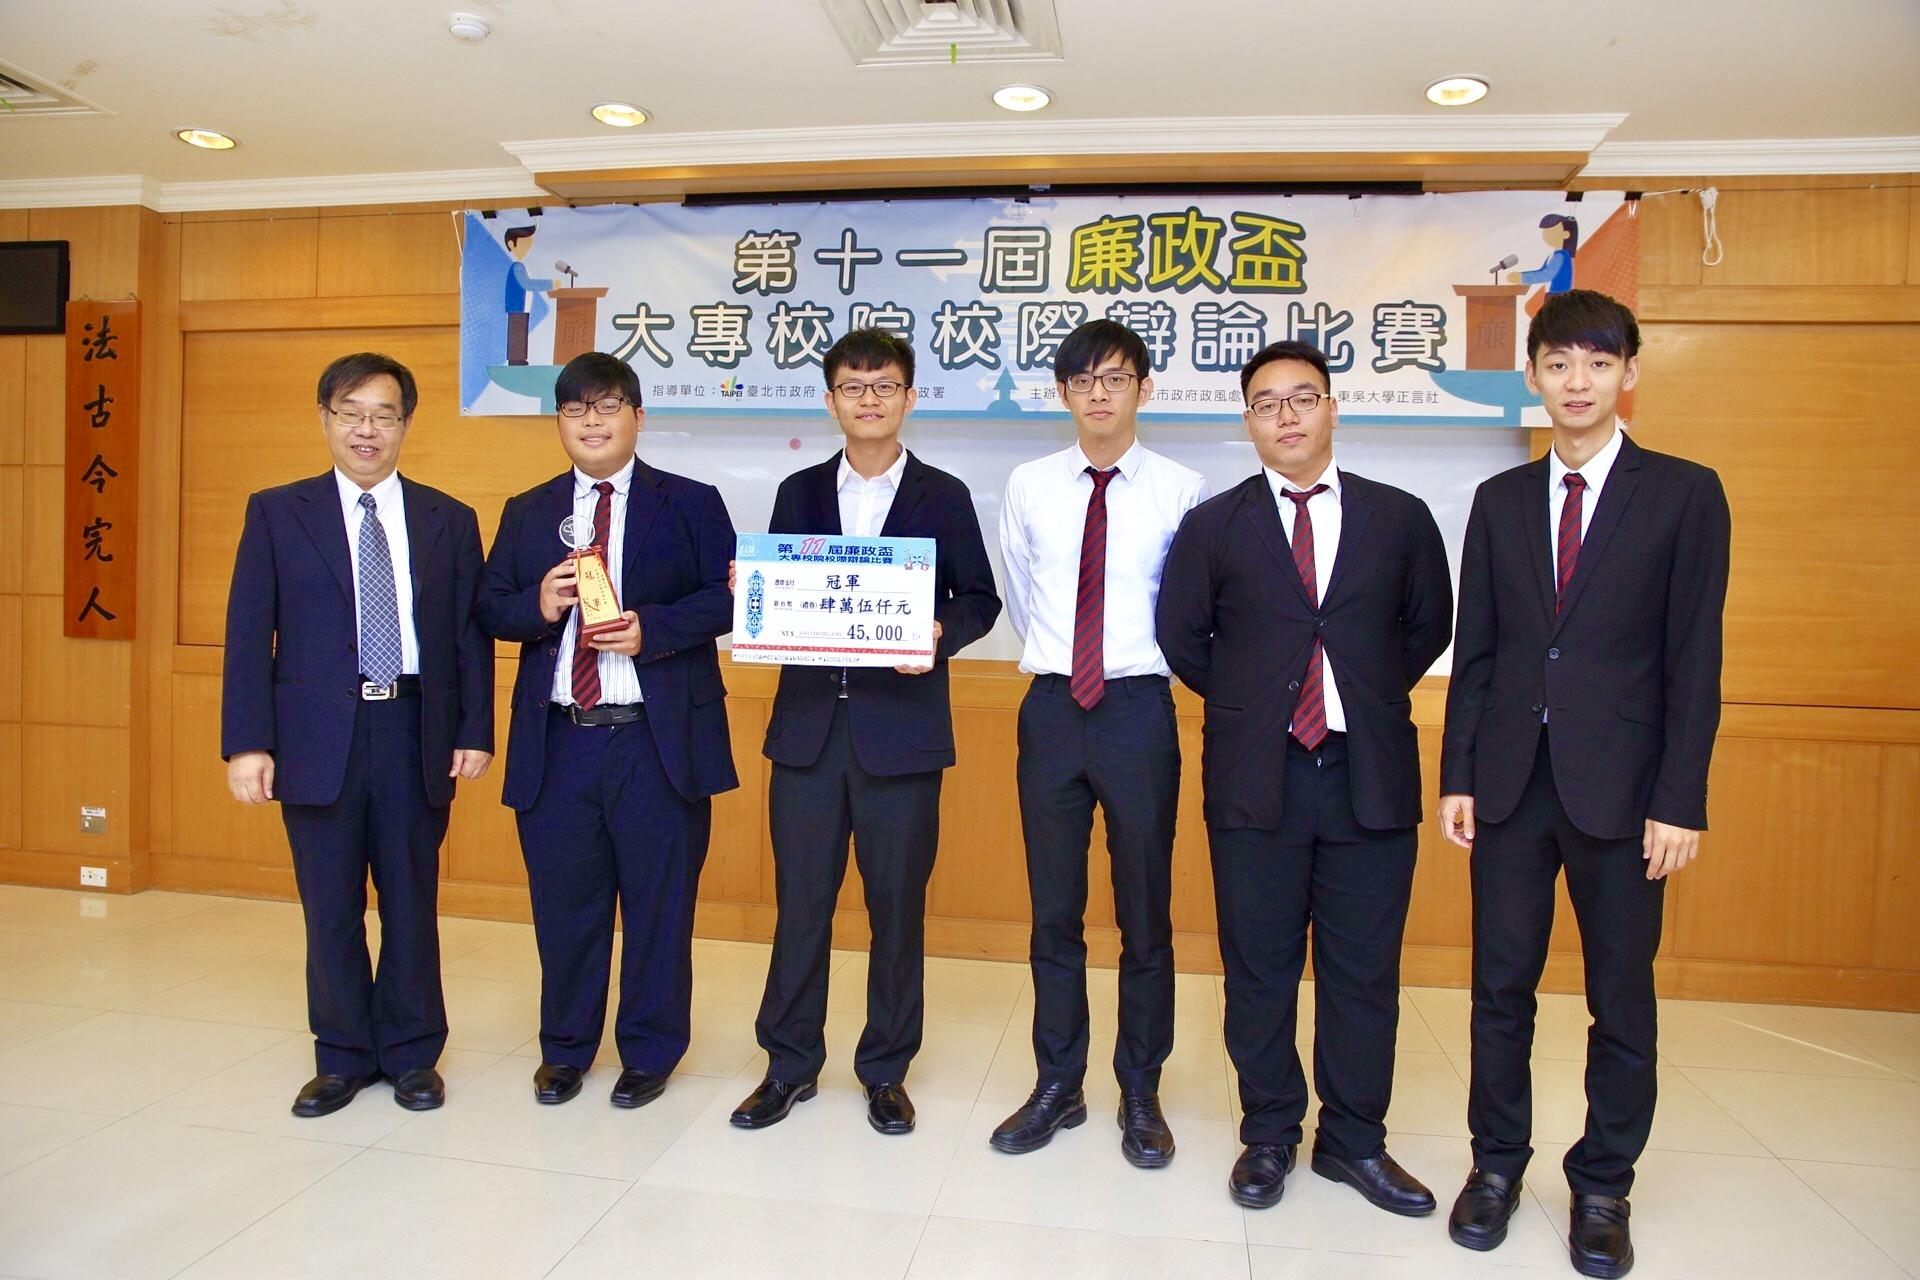 本屆辯論賽由東吳大學奪冠!